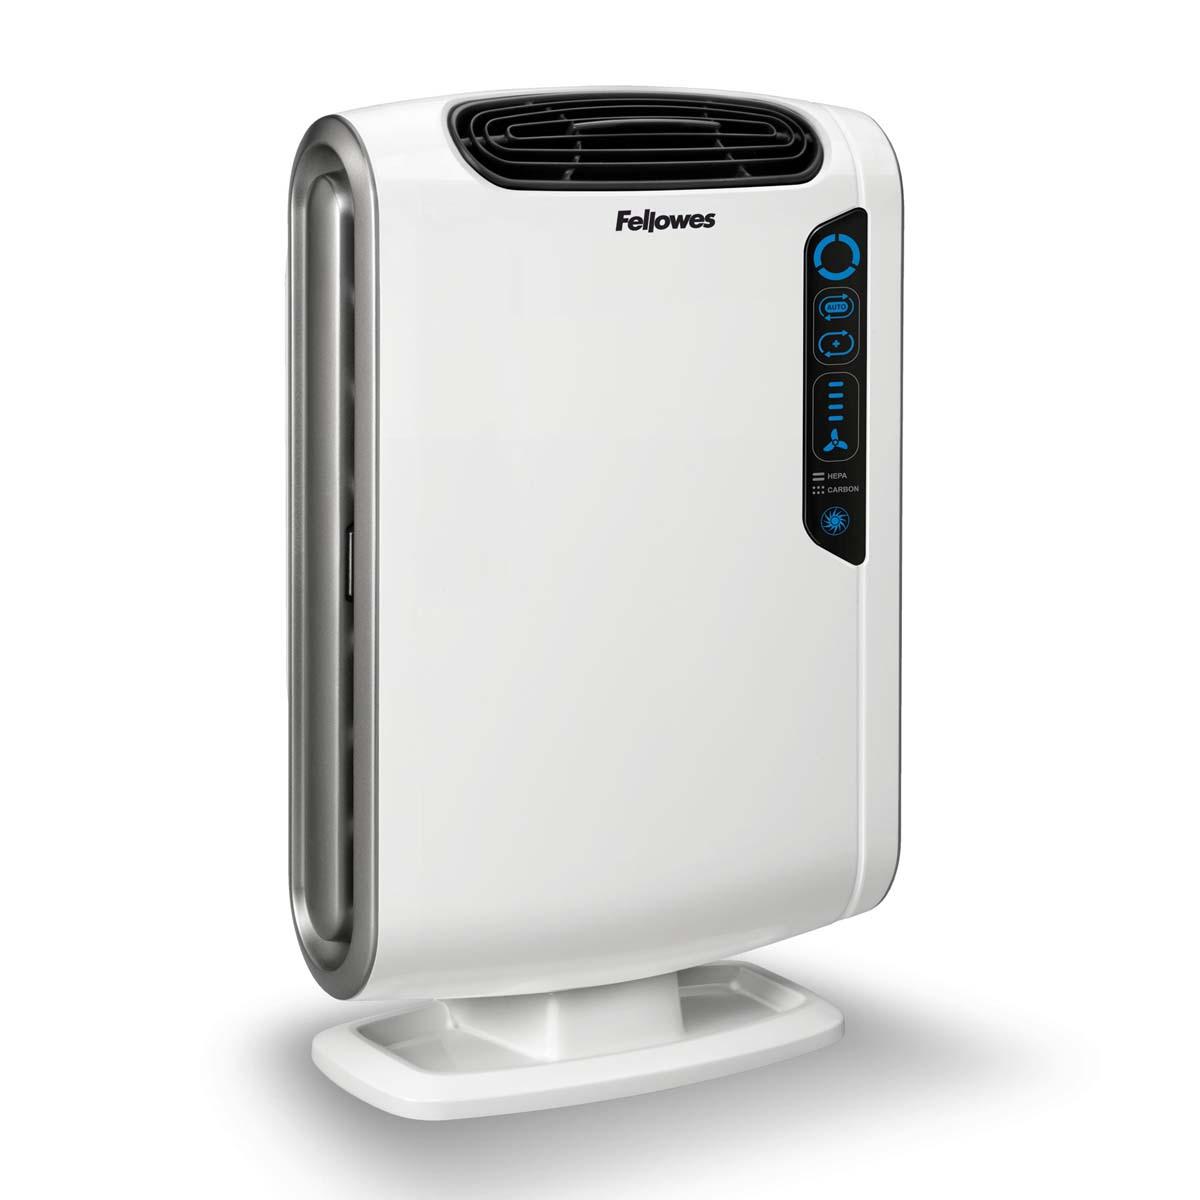 Fellowes Aeramax DX55 воздухоочистительFS-93935Воздухоочиститель Fellowes AeraMax DX55 предназначен для эффективной очистки воздуха в помещении площадью до 18 м2Воздух проходит 4 степени очистки, что позволяет значительно улучшить качество воздуха внутри помещений, удалив 99.97% загрязняющих частиц.Угольный фильтр удаляет запахи, химические загрязнения и крупные частицы, переносимые по воздуху.True HEPA фильтр задерживает 99.97% частиц размером от 0.3 микрон, включая споры плесени, пыльцу растений, пылевых клещей, большинство бактерий, аллергенов и сигаретный дым.Антибактериальная обработка AeraSafe™– встроенная защита от роста бактерий, вызывающих неприятный запах, плесени и грибков на фильтре True HEPA.Технология PlasmaTRUE™ безопасно удаляет содержащиеся в воздухе загрязняющие вещества, мгновенно нейтрализуя вирусы и микробы.Воздухоочиститель прост в работе и обладает удобным пользовательским интерфейсом. В режиме работы АВТО, датчики оценивают изменения качества воздуха в помещении, на основании чего устанавливается соответствующий режим очистки.